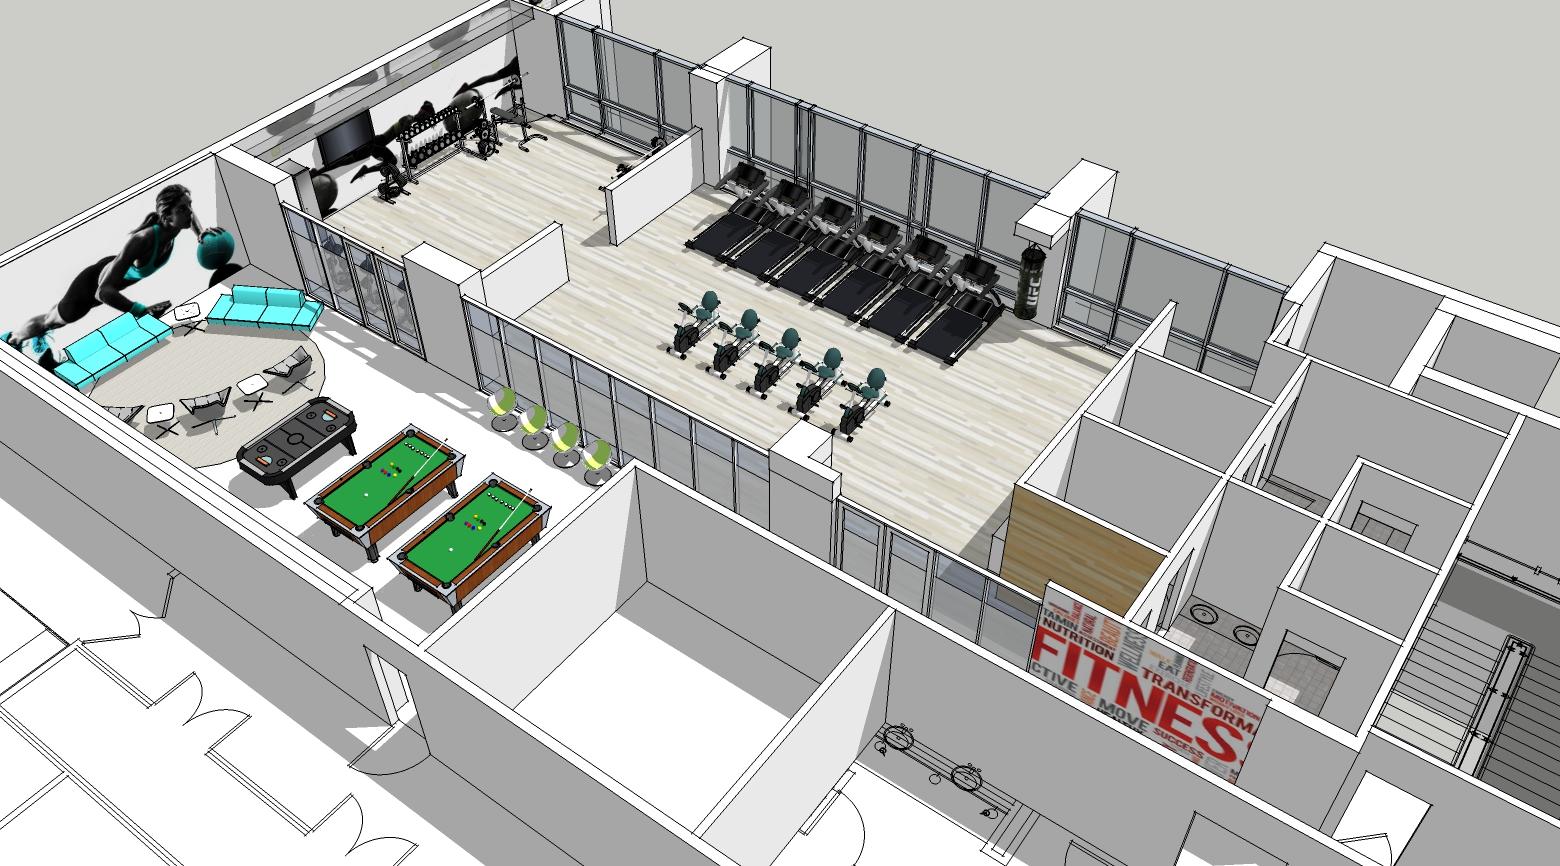 DSM Office_Gym View 1.jpg